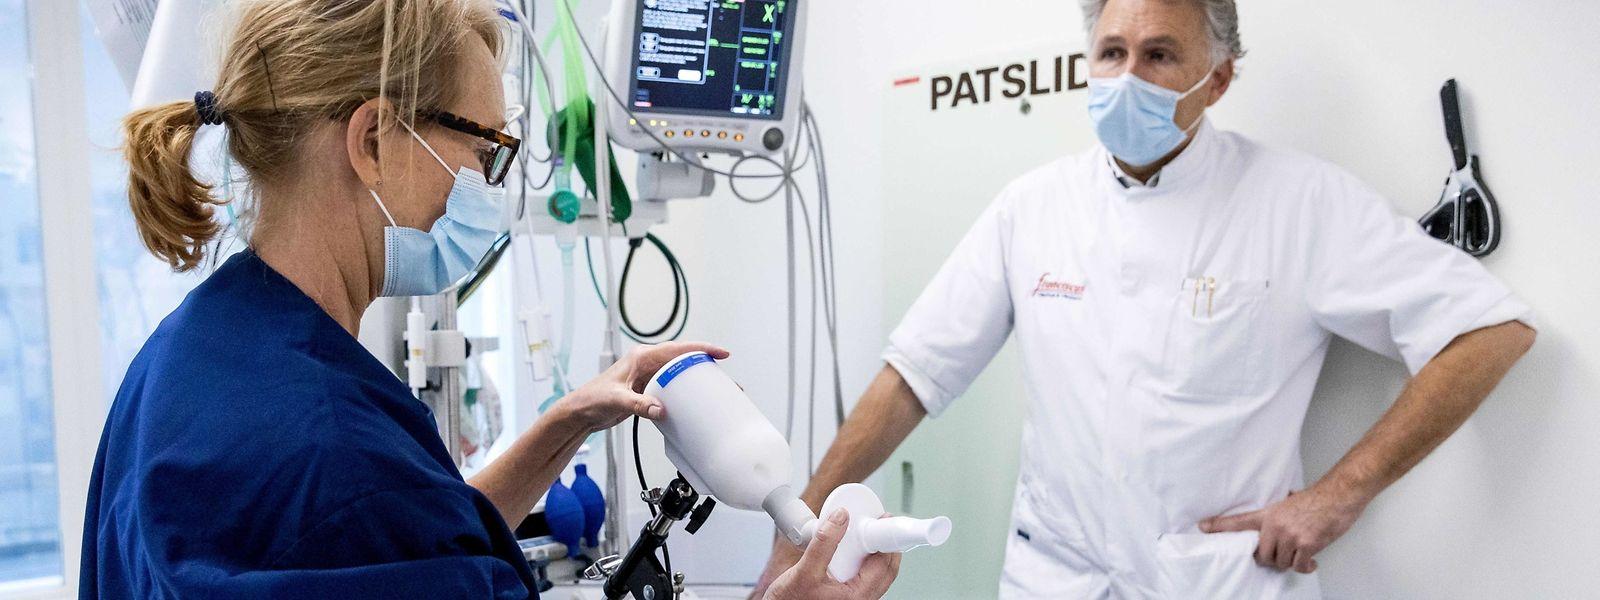 A ce jour, 78 patients covid (suspects et confirmés) sont actuellement hospitalisés au Luxembourg.